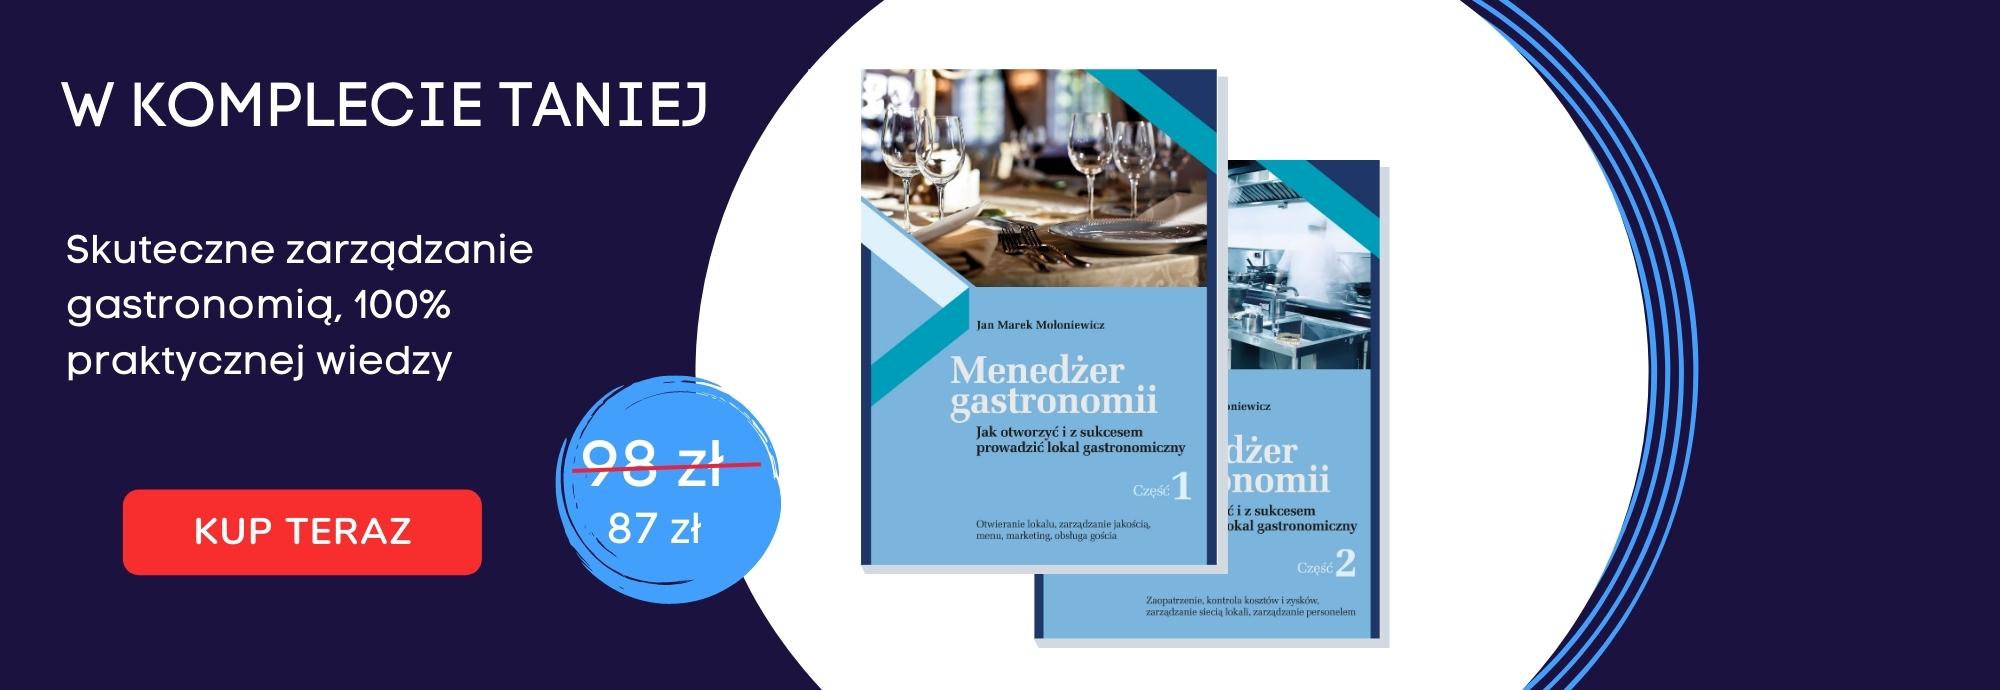 www menedżer gastronomii cz 1 i 2